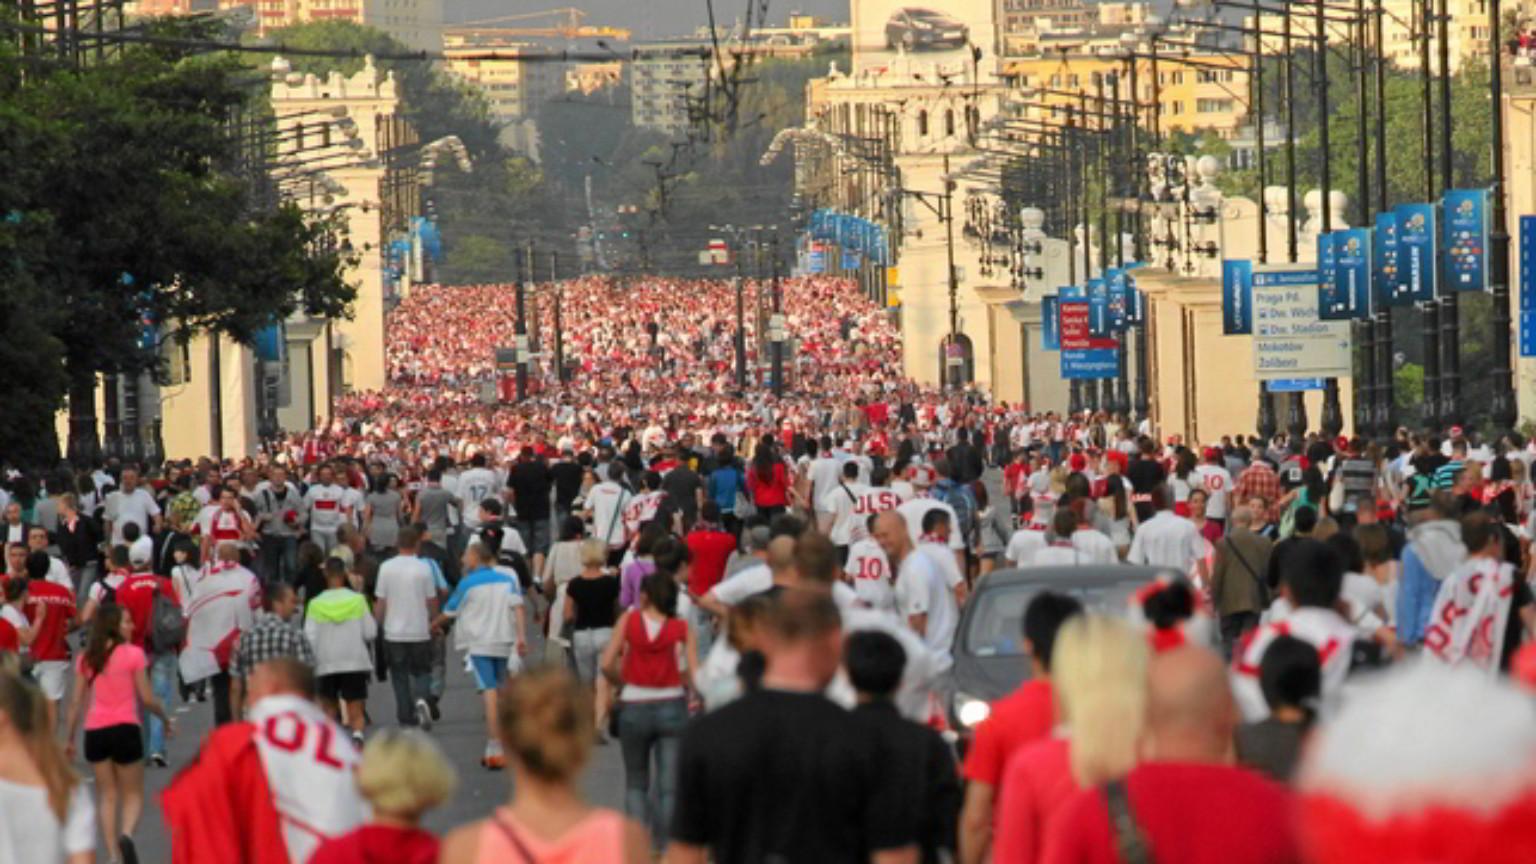 Zdjęcie dla kartki: Inauguracja Euro 2012 na nowym Stadionie Narodowym